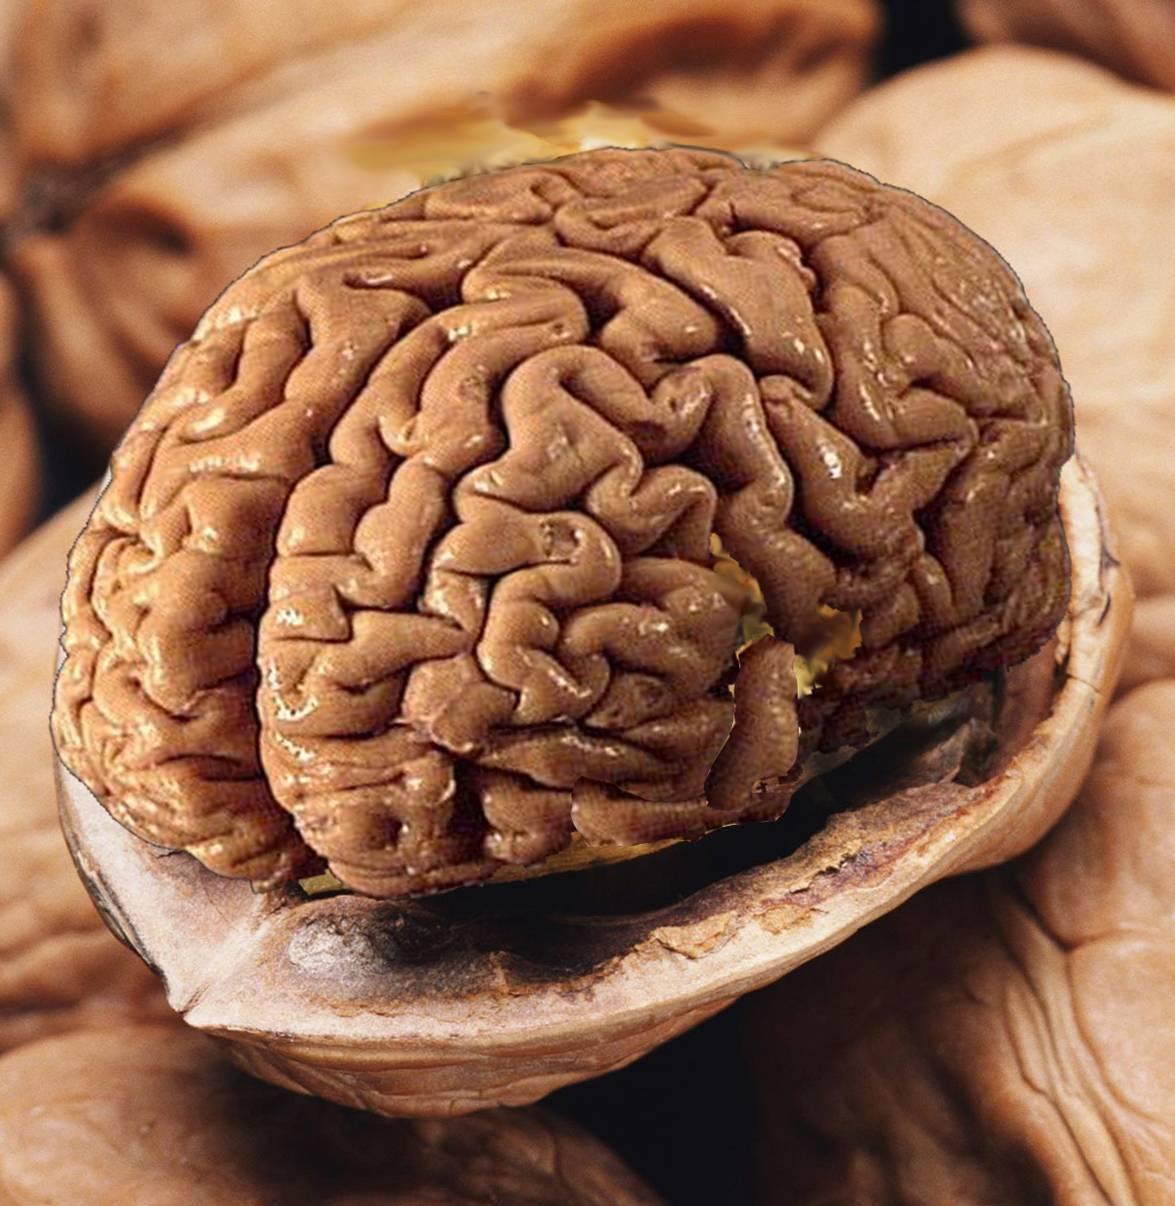 17 продуктов, полезных для мозга и памяти: список продуктов для улучшения работы мозга | kadrof.ru